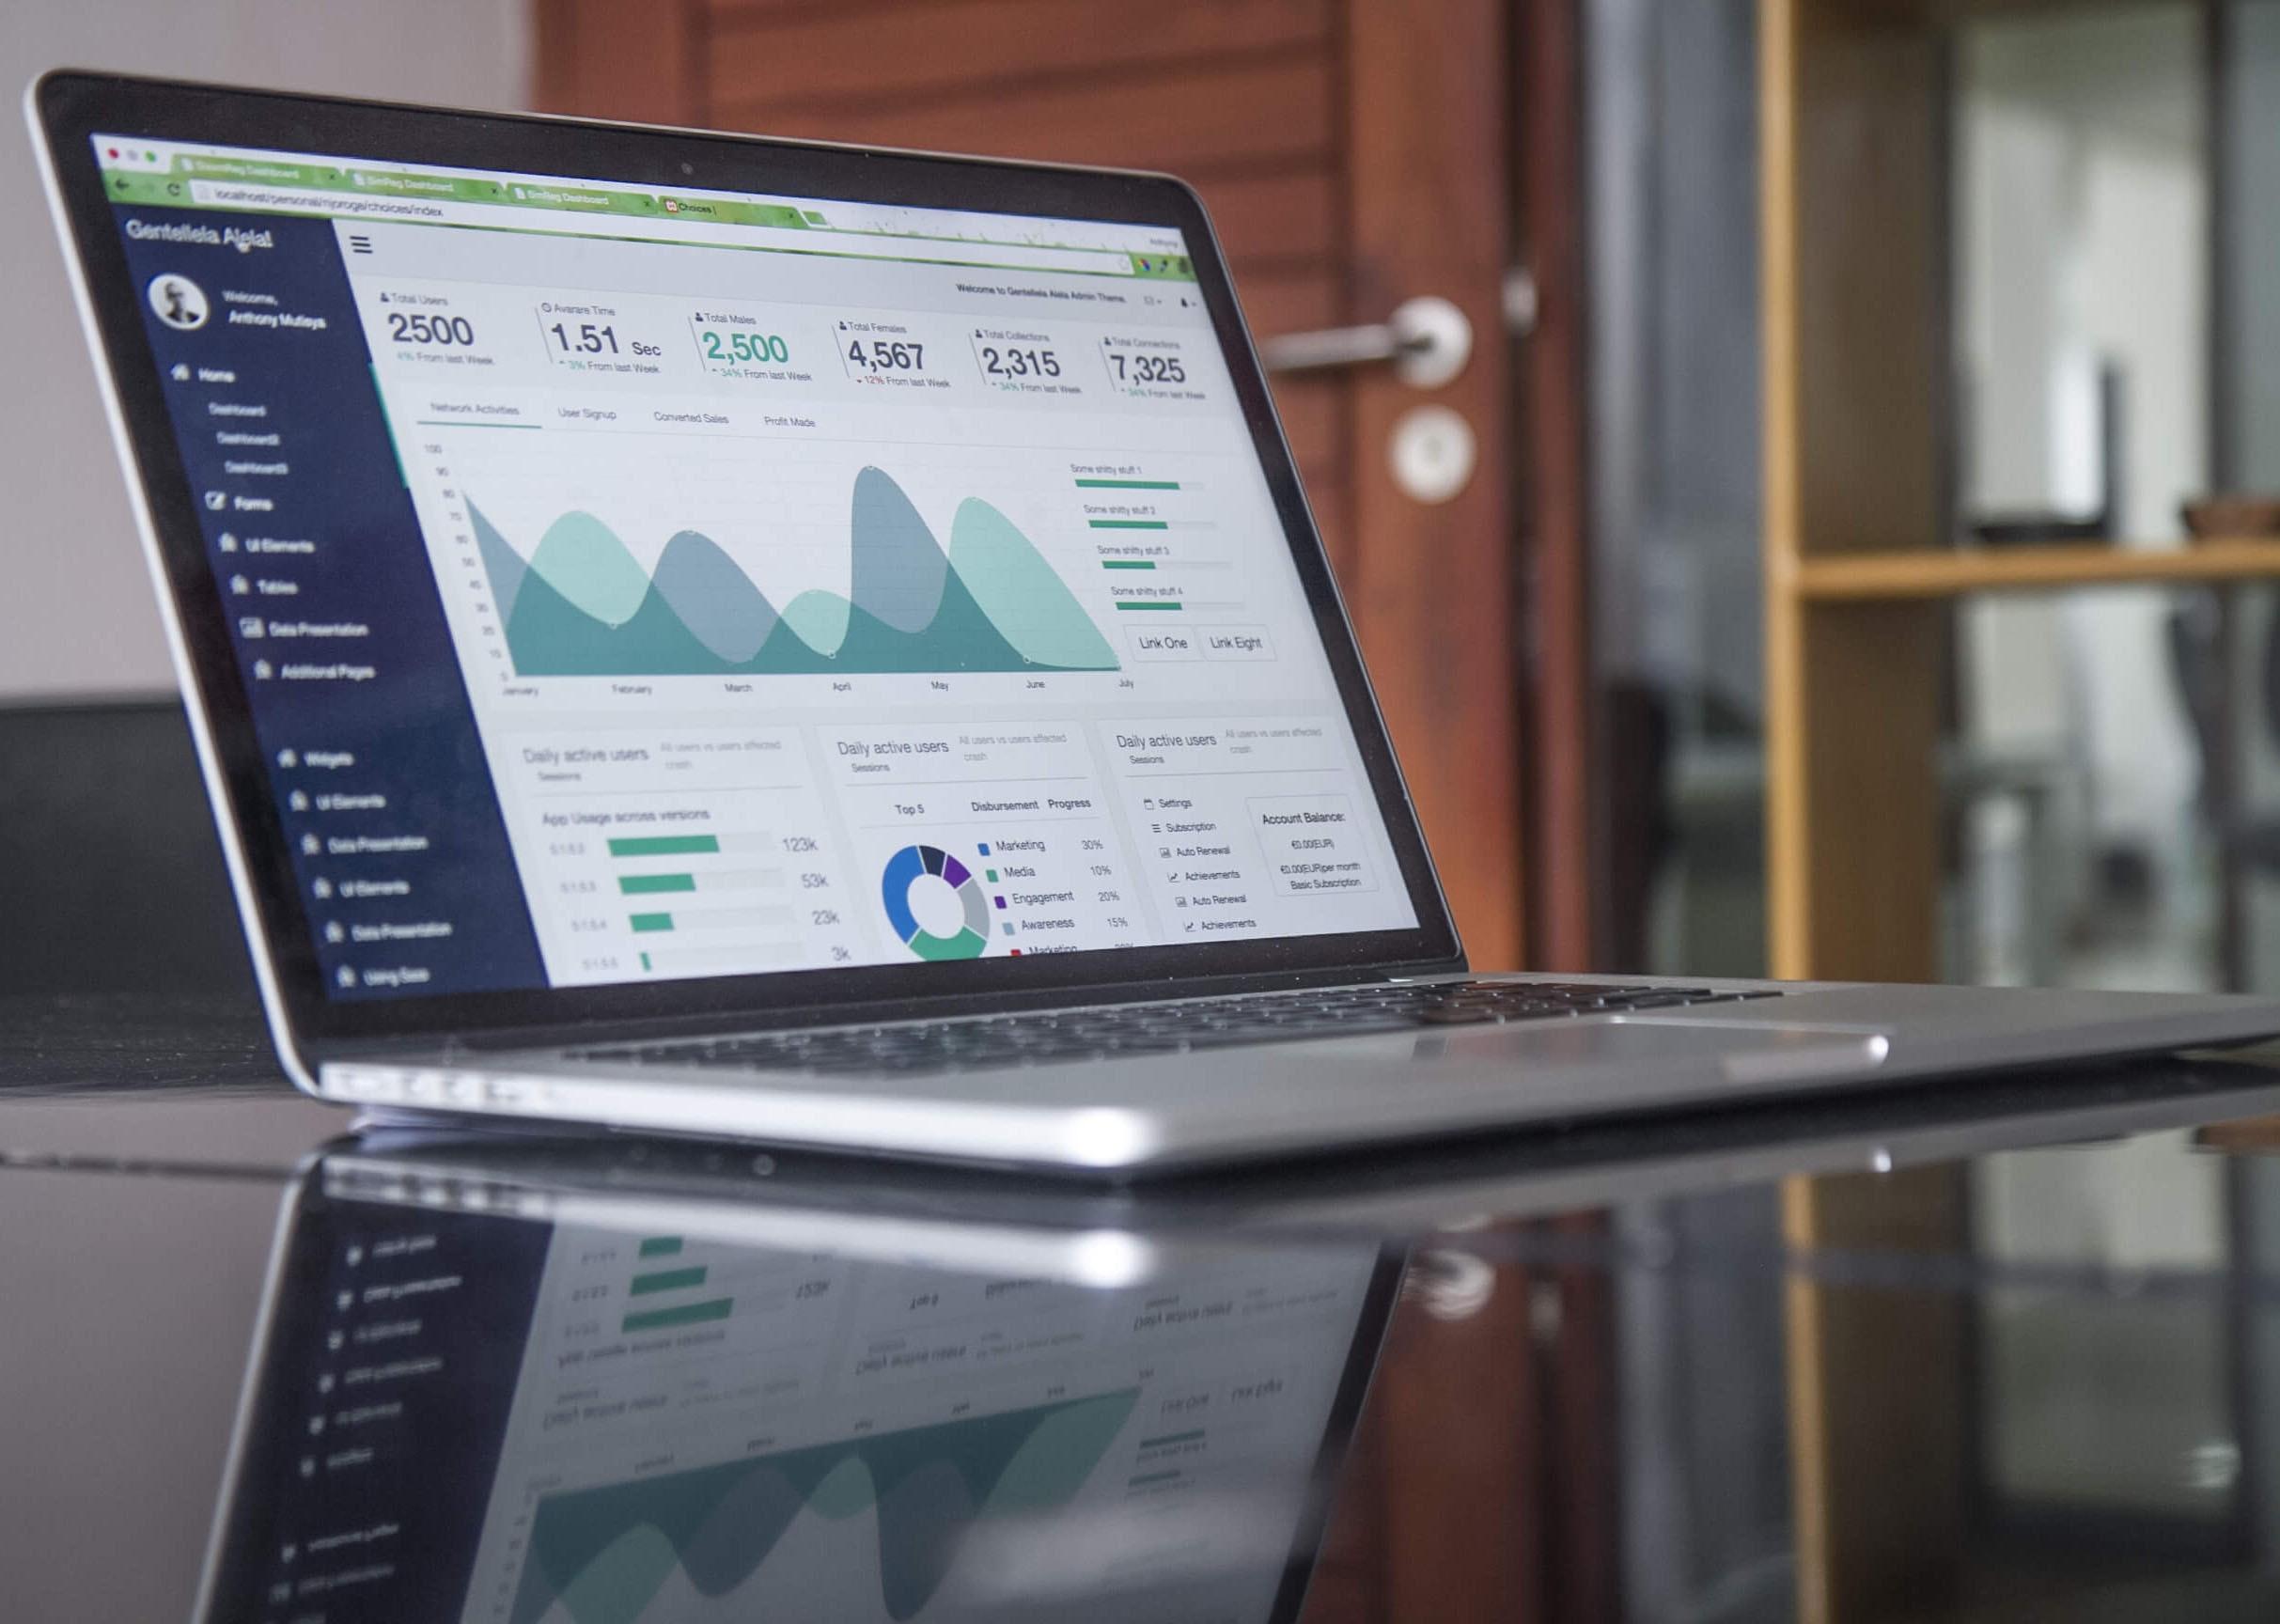 Le projet de l'Open Data